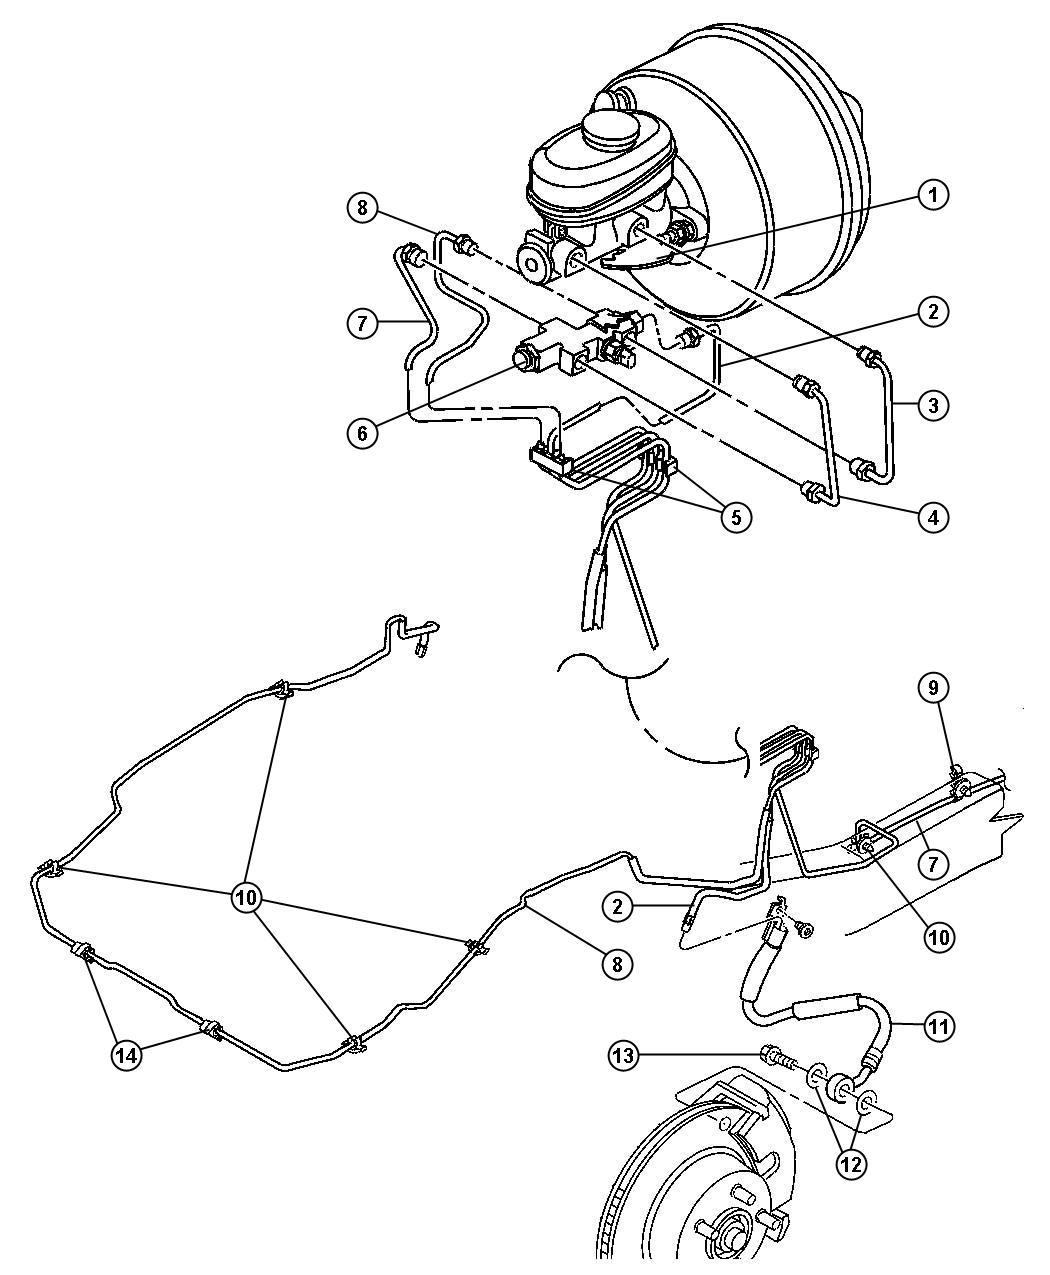 1995 mazda millenia engine repair manual